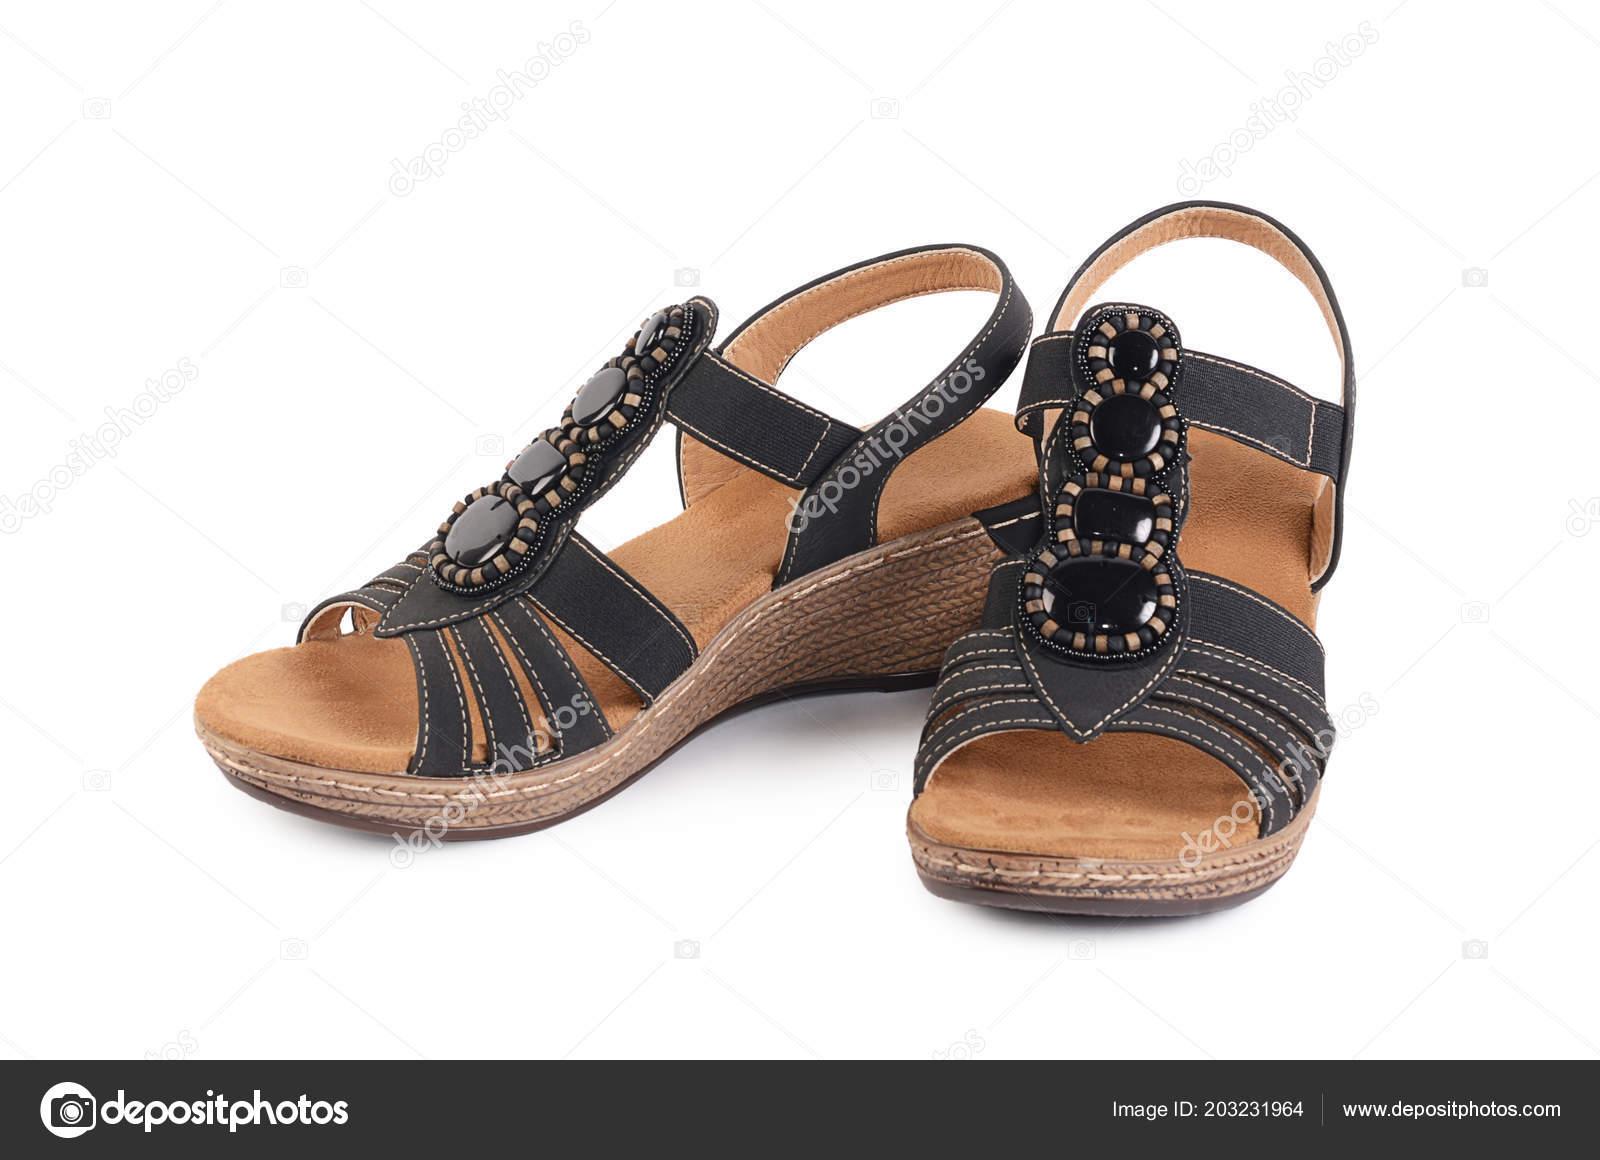 Sobre Fondo Blanco Aislados Verano Mujer Zapatos TwPaqgS1